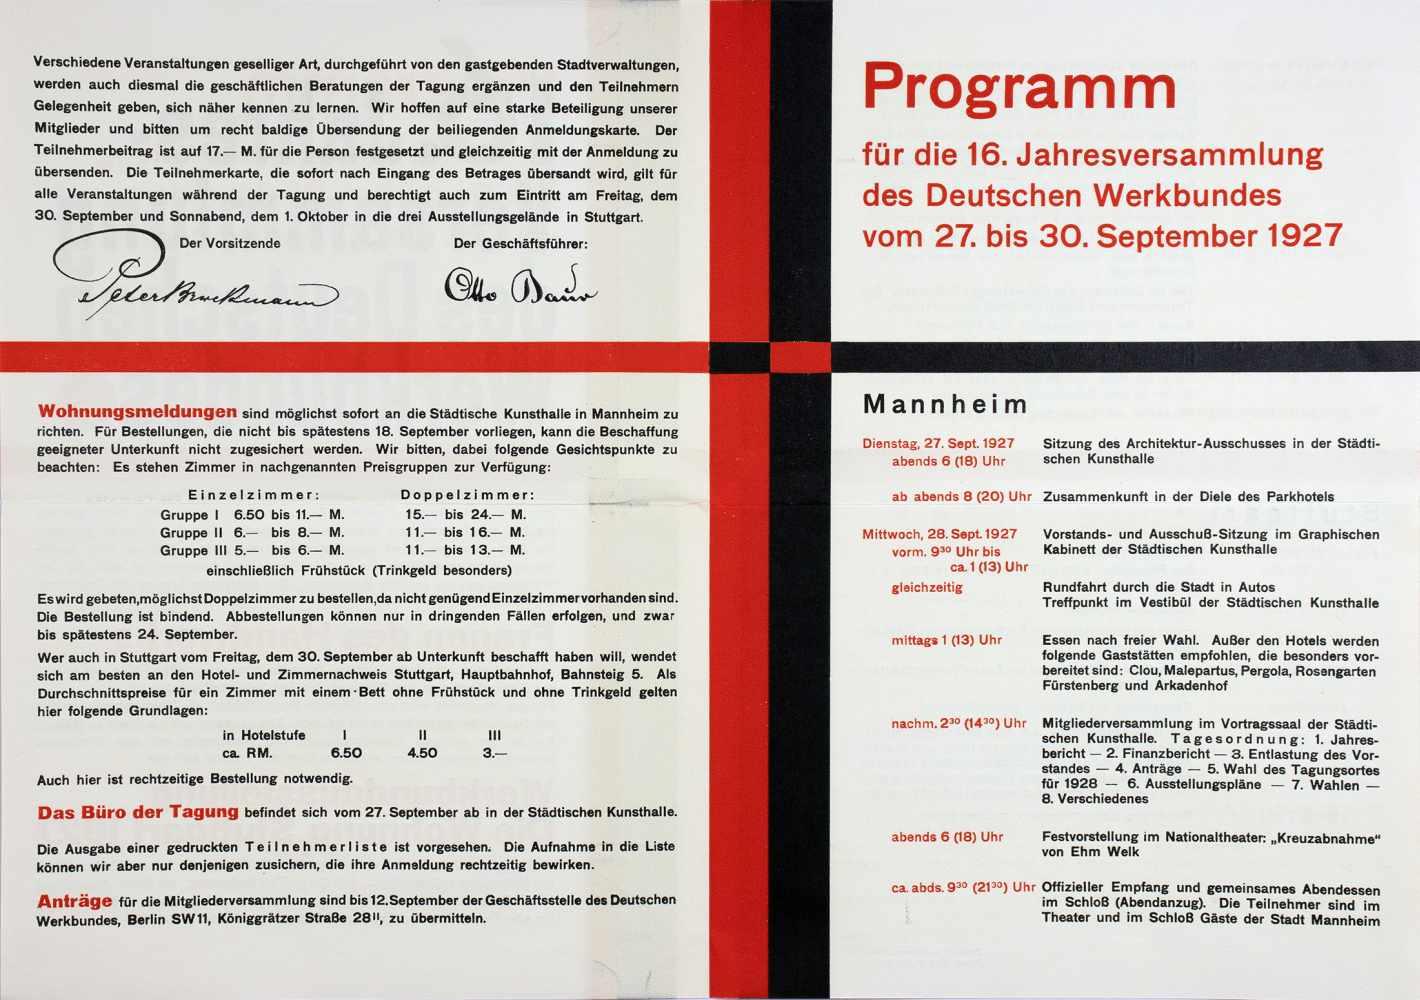 16. Jahresversammlung des Deutschen Werkbundes. Einladung und Programm. Doppelblatt. Zweifarbiger - Image 2 of 3